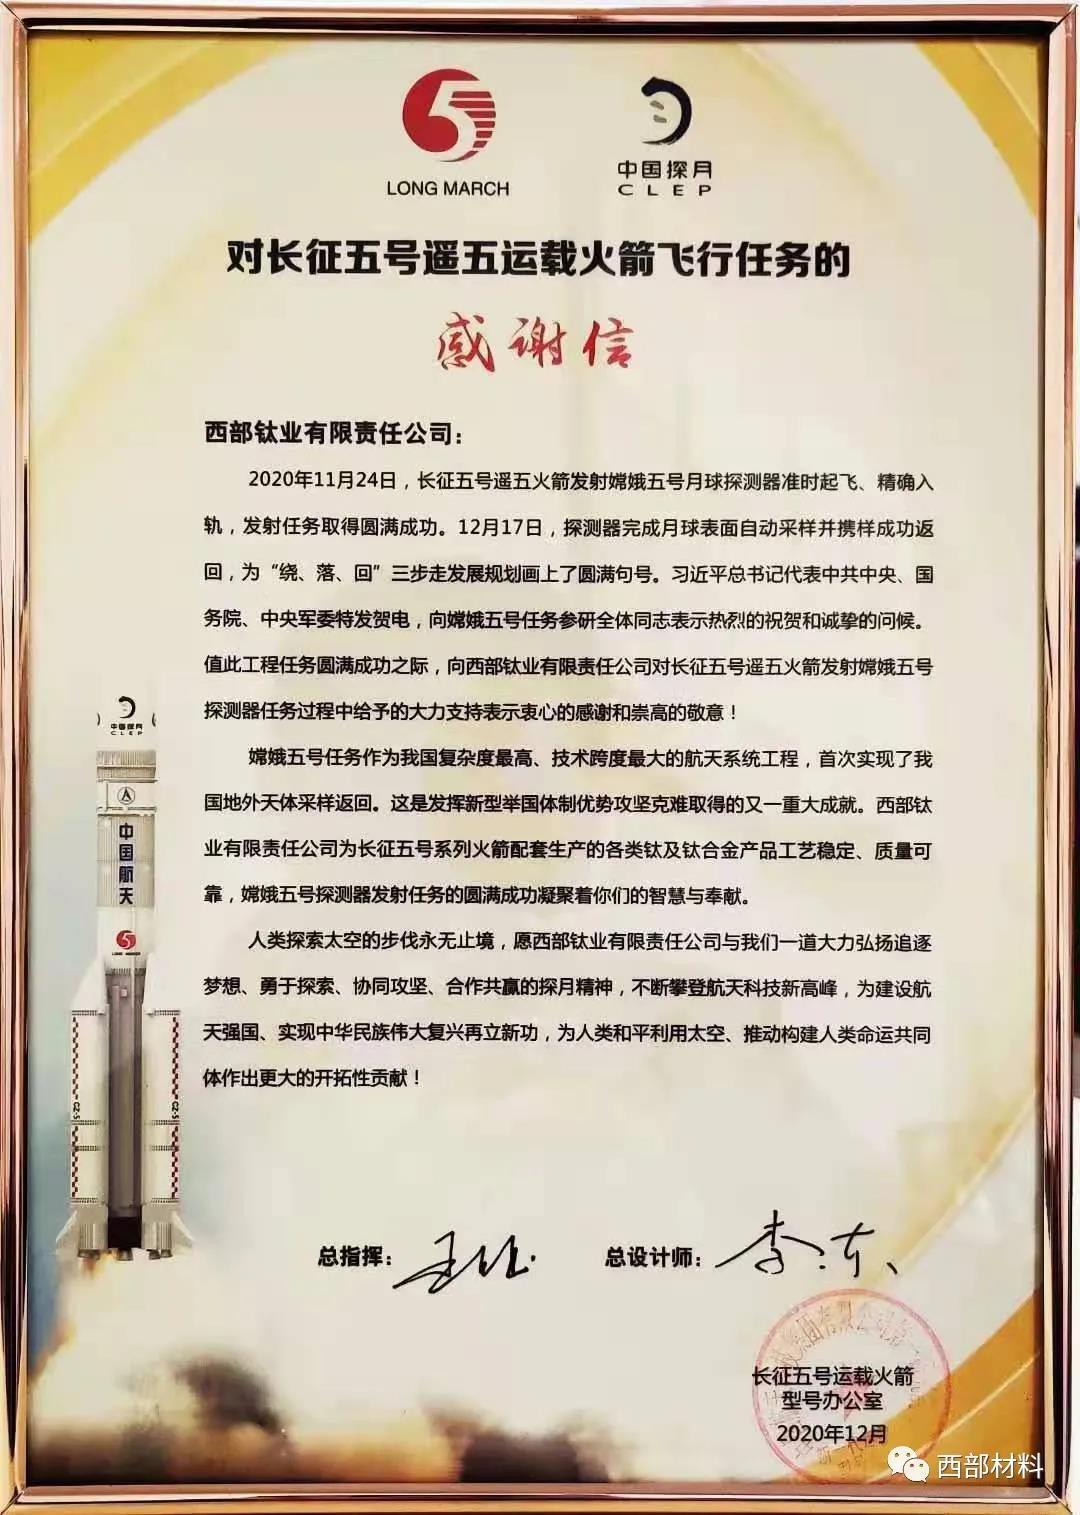 西部钛业收到长征五号运载火箭飞行任务的感谢信